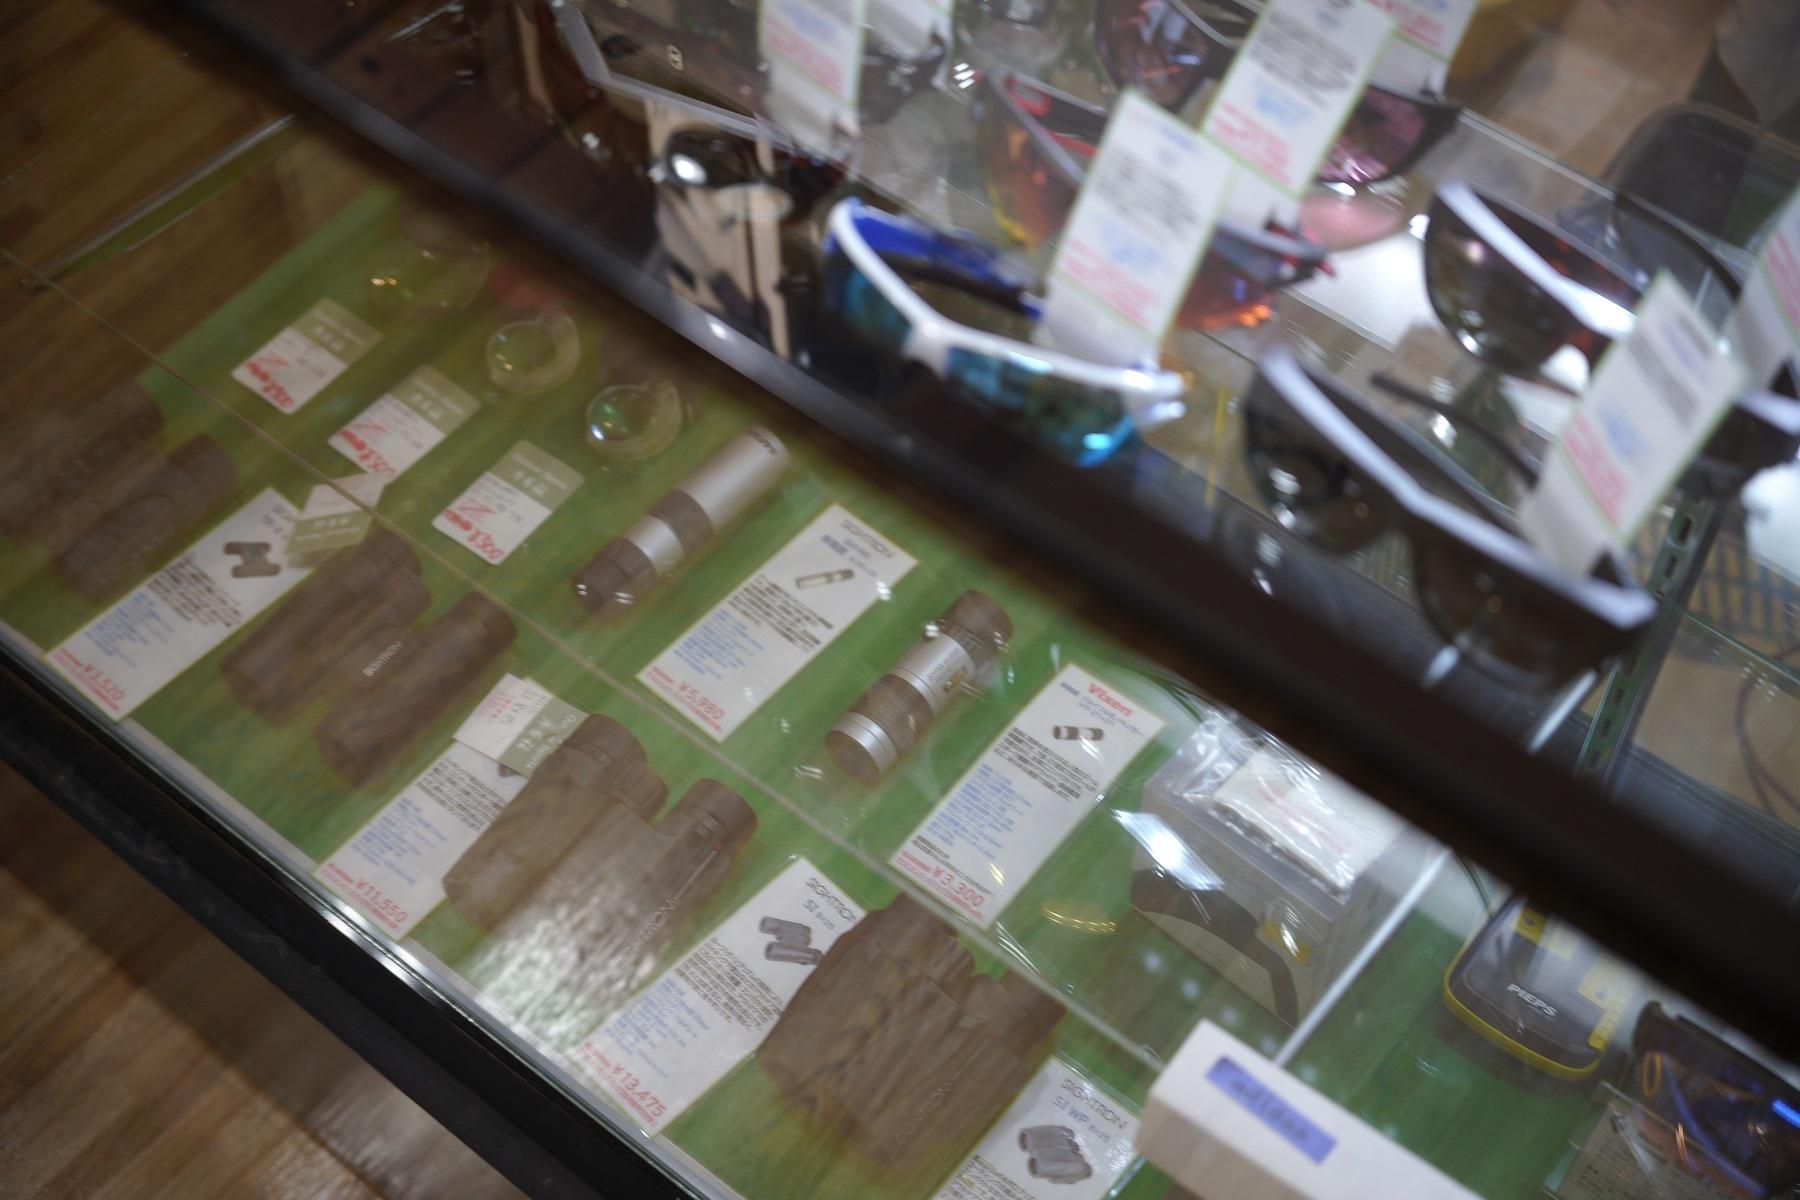 ★★★水遊びにはサングラス!しかも偏光レンズがお勧めです★★★_d0198793_15193826.jpg